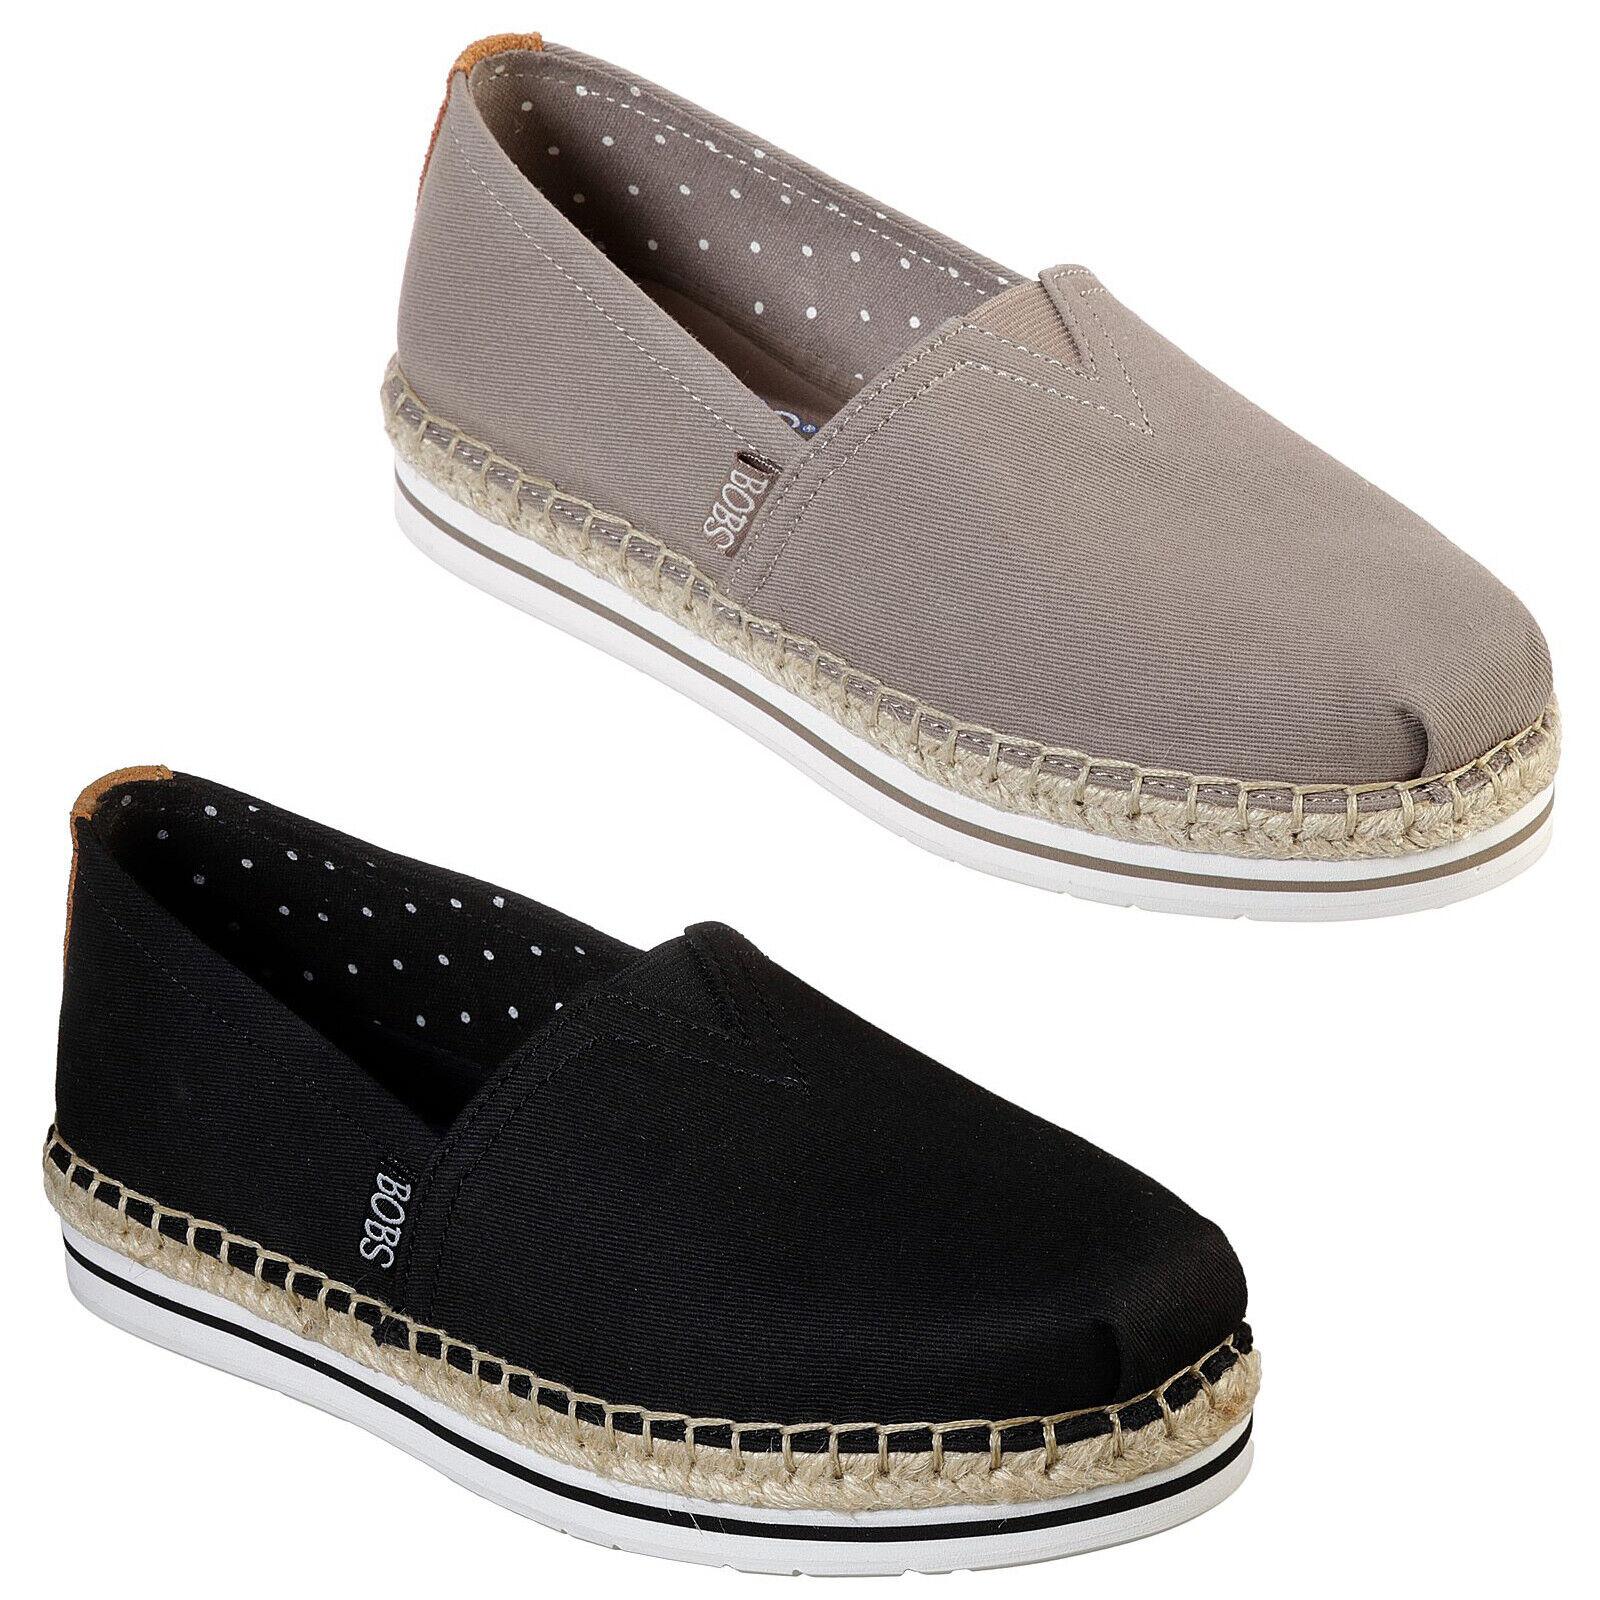 skechers canvas slip on chaussures femmes